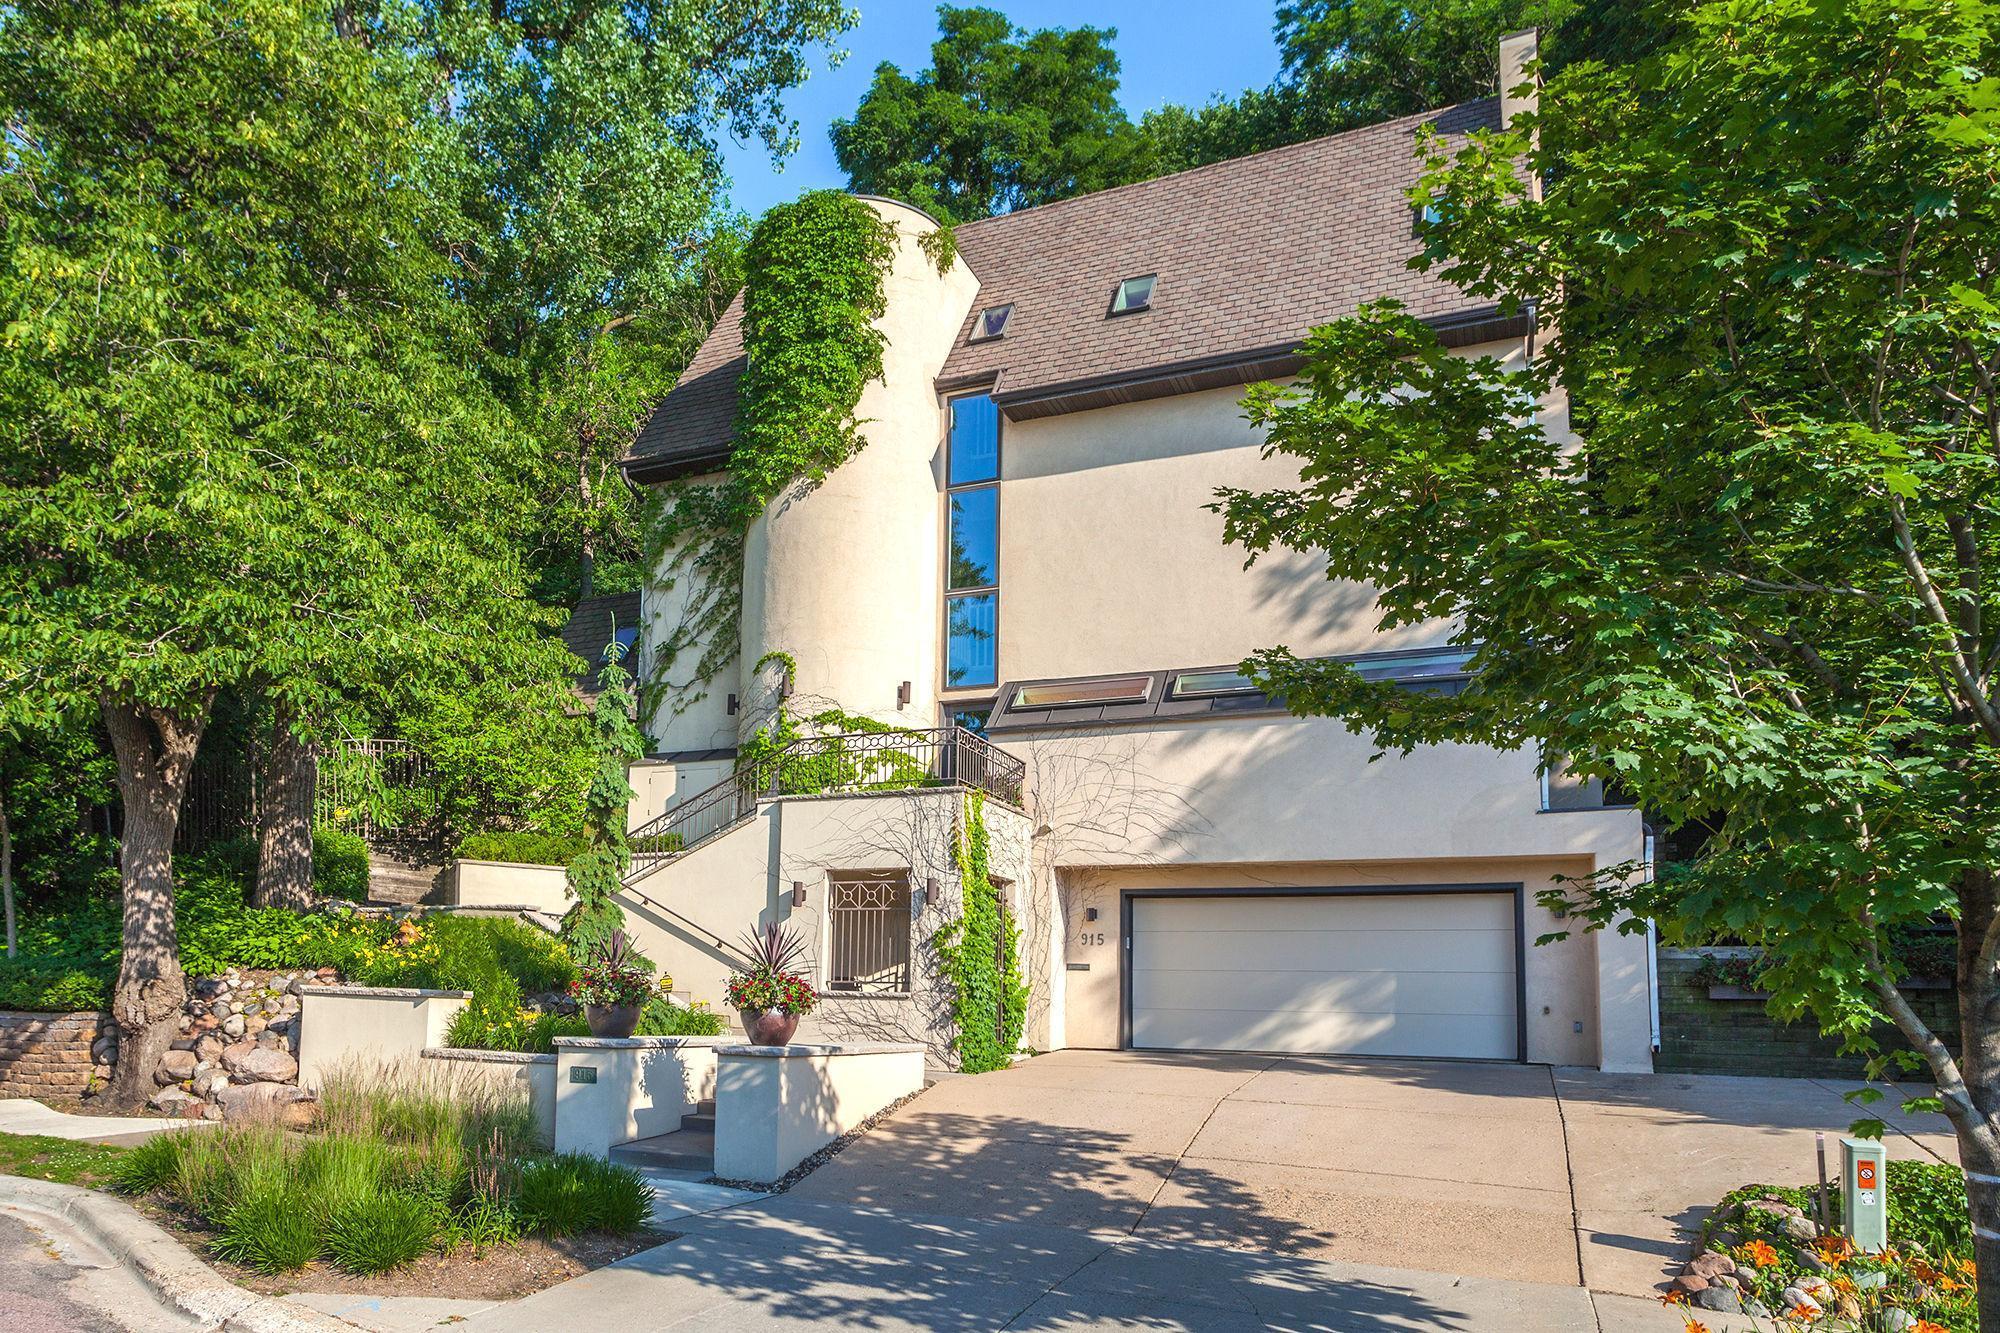 , Minneapolis, MN 55403 - Minneapolis, MN real estate listing